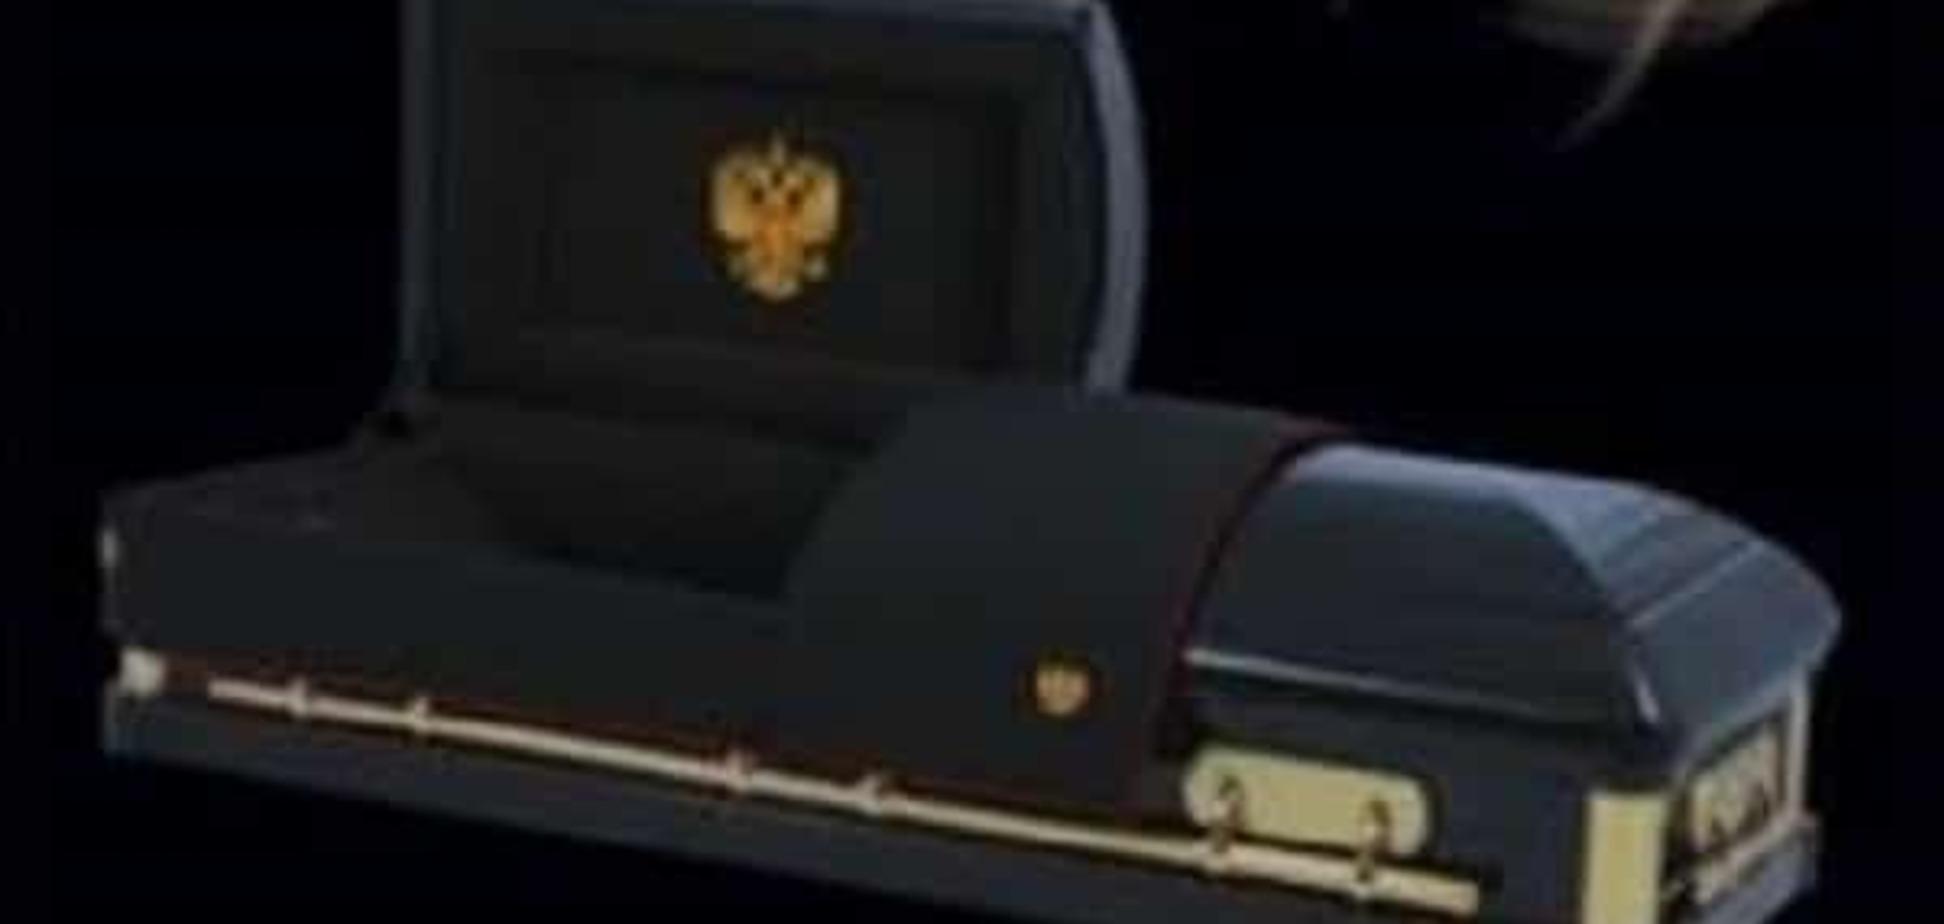 Россиян будут хоронить в элитных гробах 'патриот': опубликованы фото